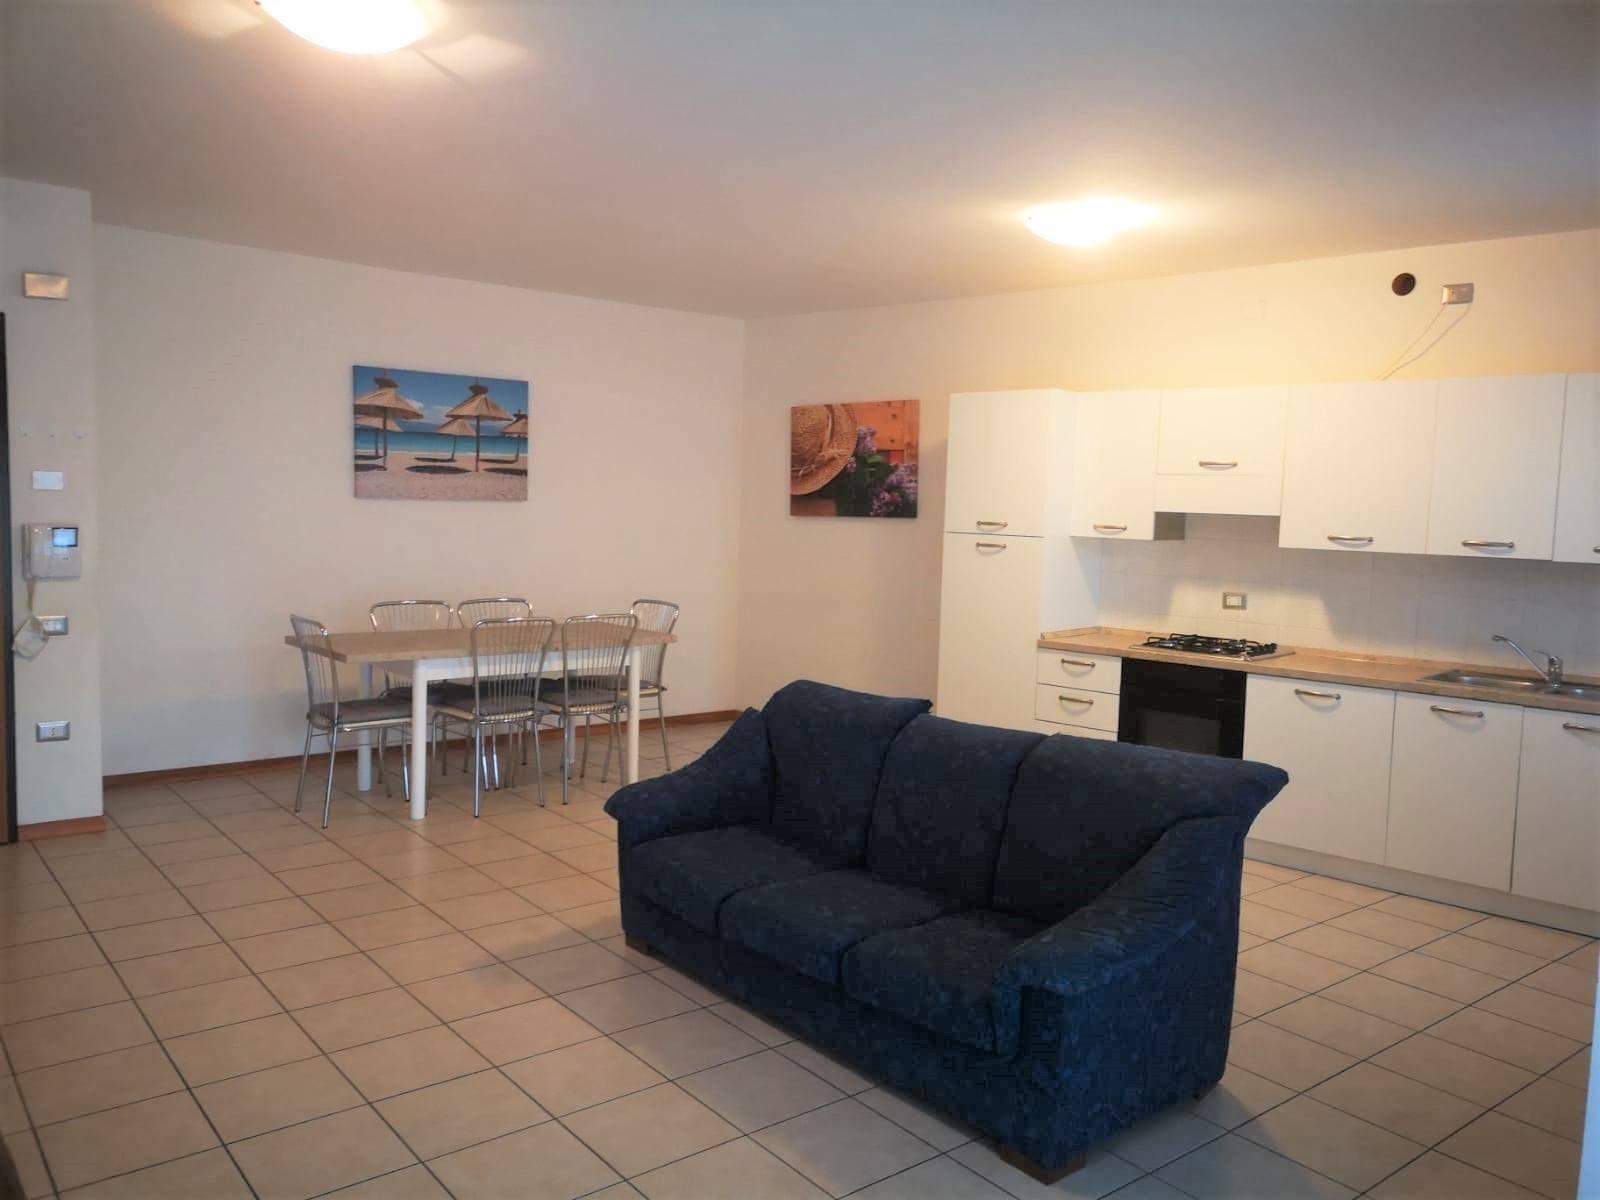 Appartamento in vendita a Cavallino-Treporti, 3 locali, zona Località: CaSavio, prezzo € 183.000 | CambioCasa.it